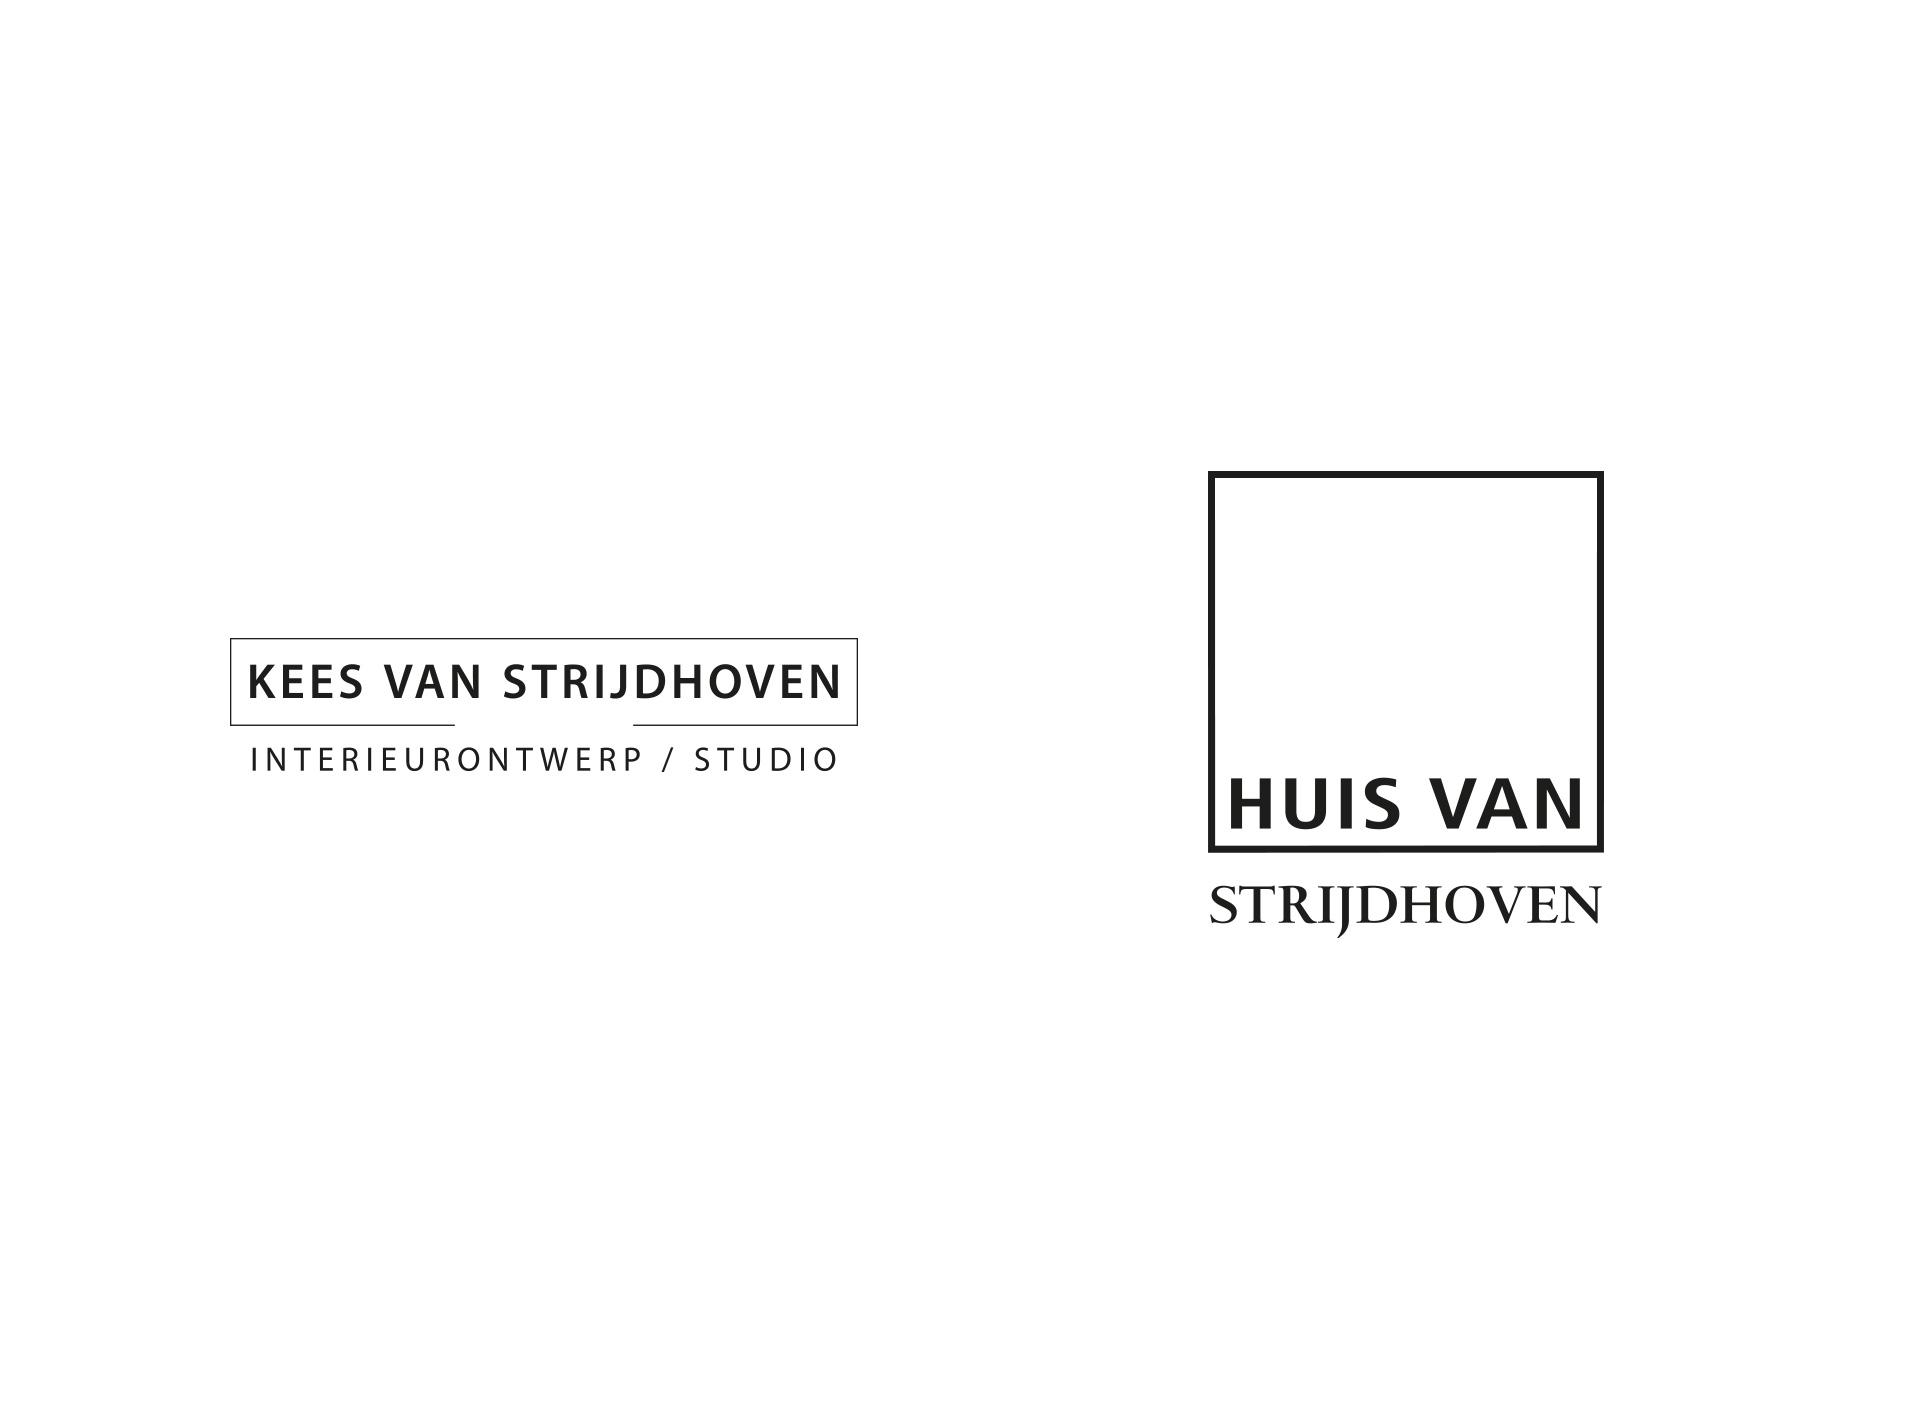 Logo | Kees van Strijdhoven